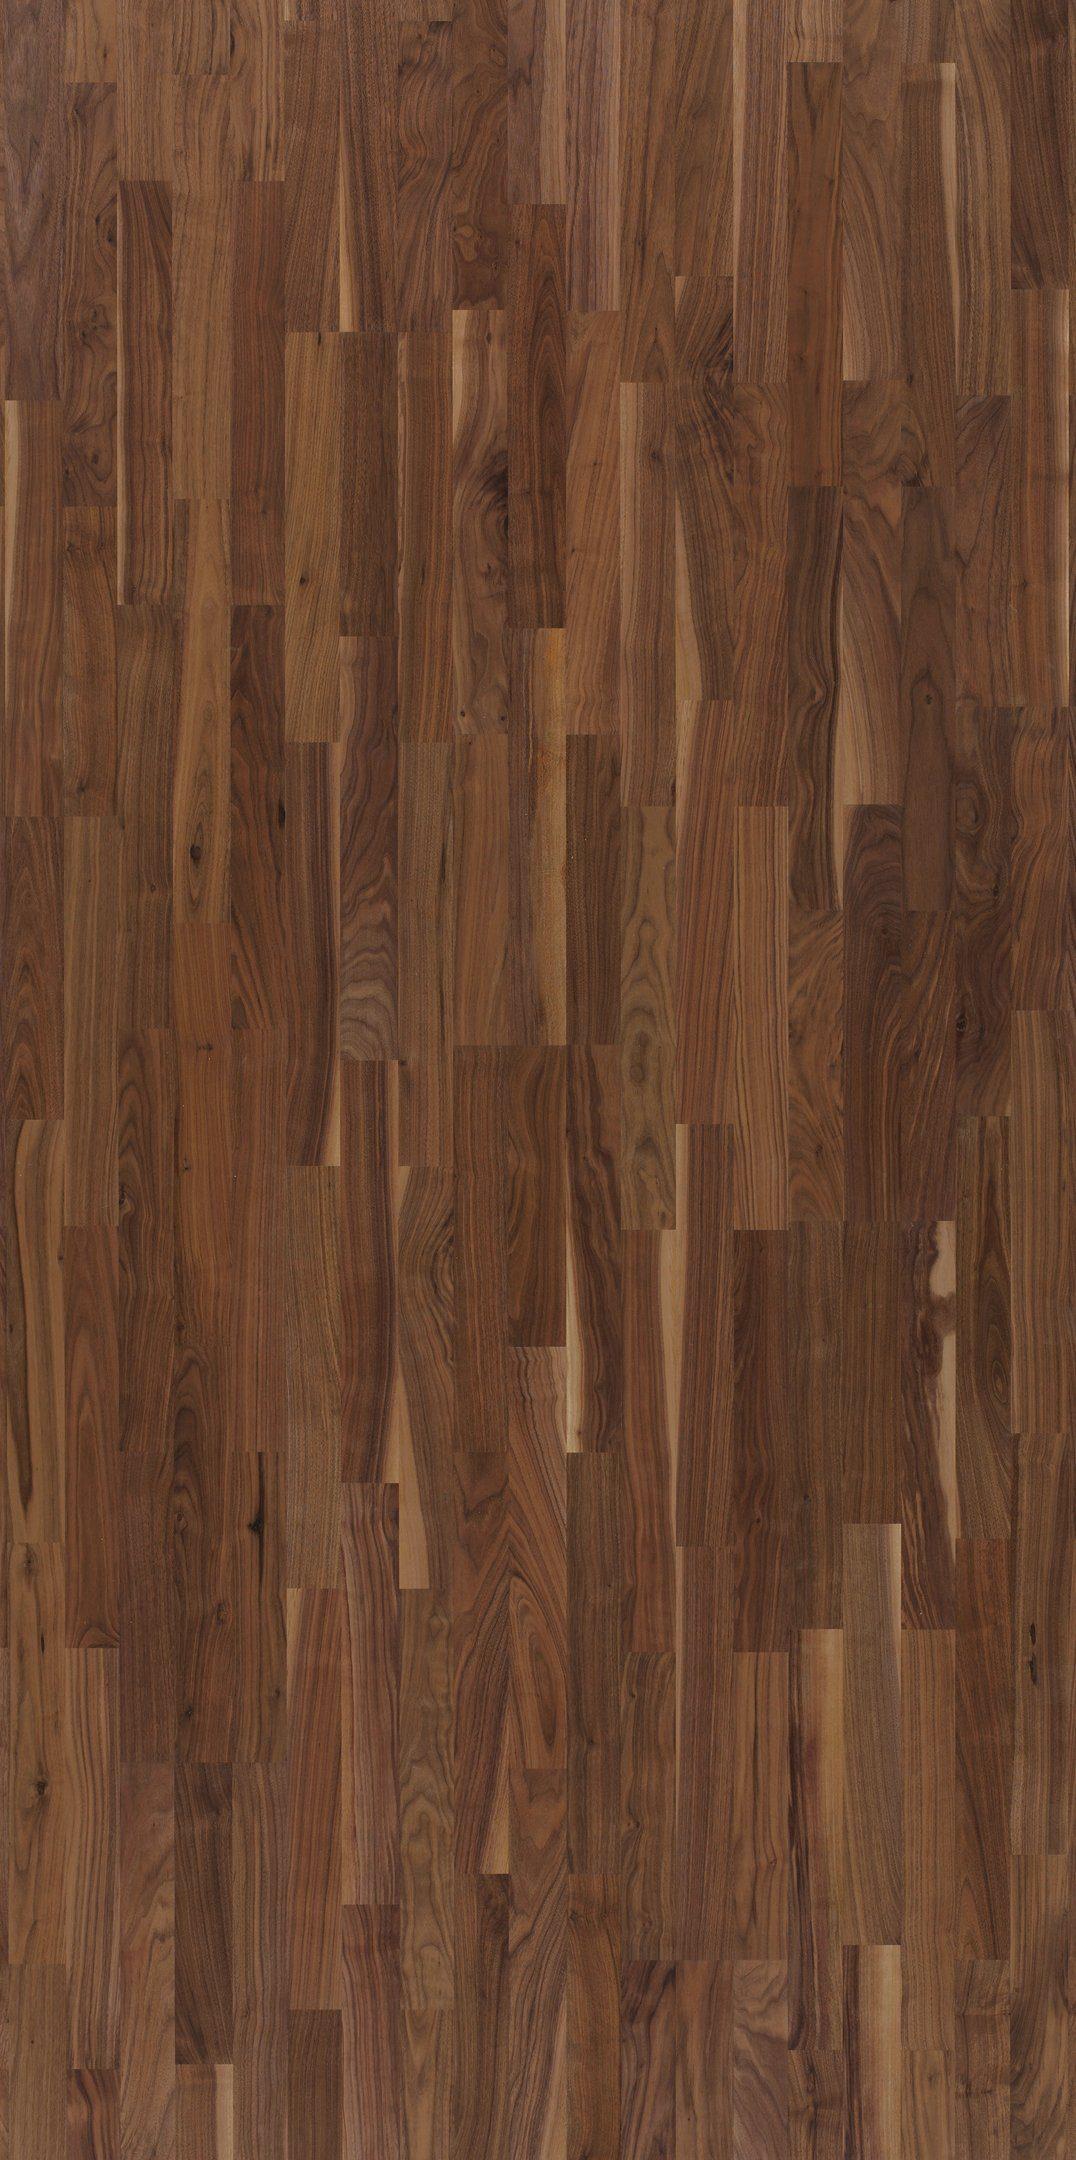 PARADOR Parkett »Eco Balance Natur - schwarz Nussbaum europ.«, 2200 x 185 mm, Stärke: 13 mm, 3,66 m²